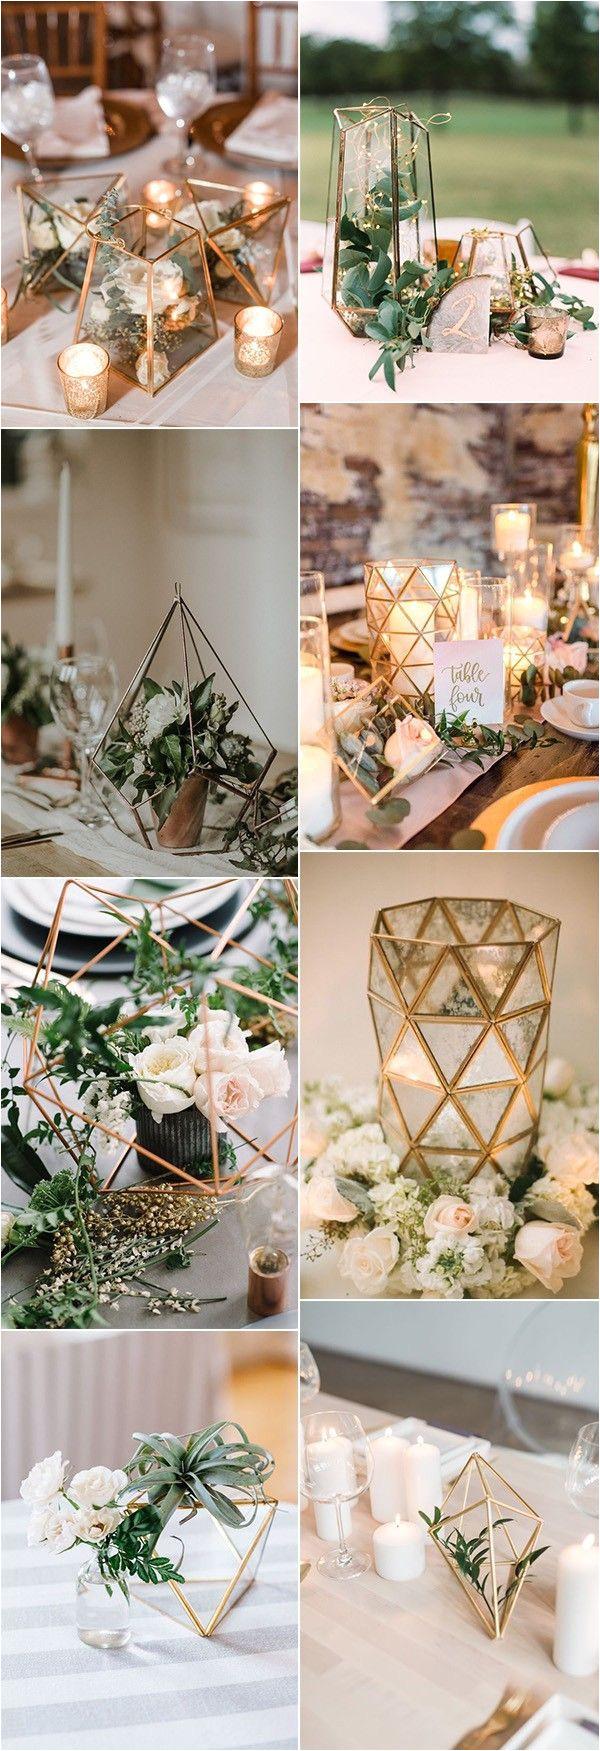 trending 20 industrial geometric wedding centerpieces for 2019 decorar casa pinterest boda novios y vestidos de novia